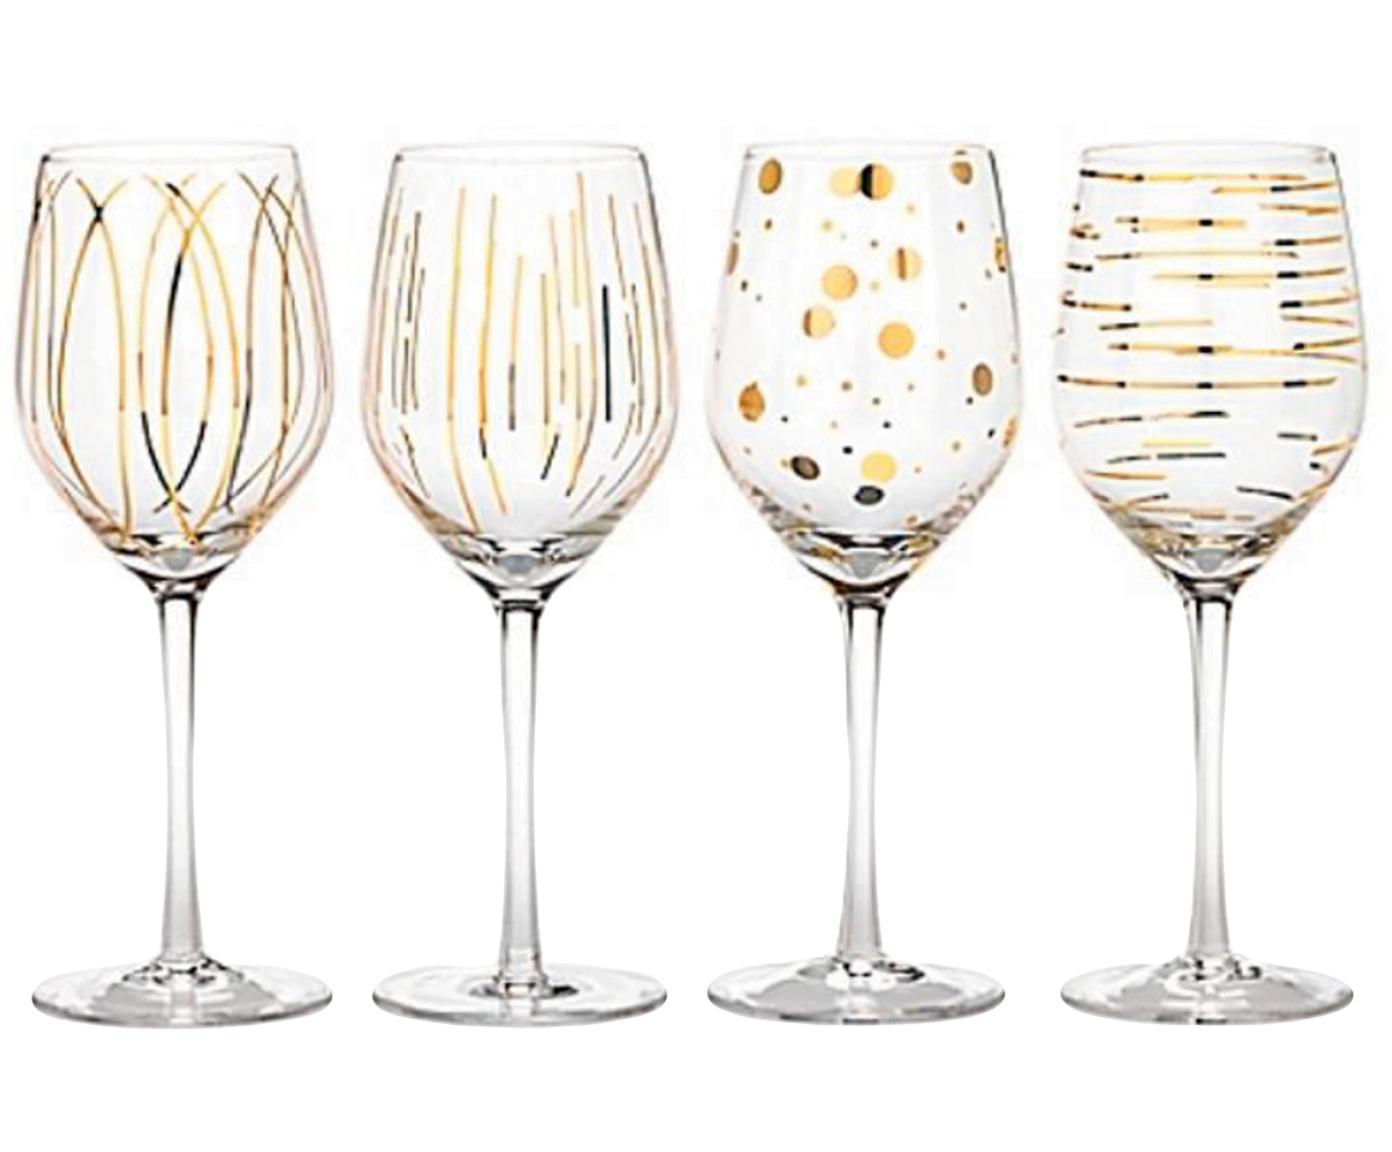 Weingläser Mikasa Cheers mit goldenen Verzierungen, 4er-Set, Glas, Transparent, Goldfarben, Ø 9 x H 25 cm